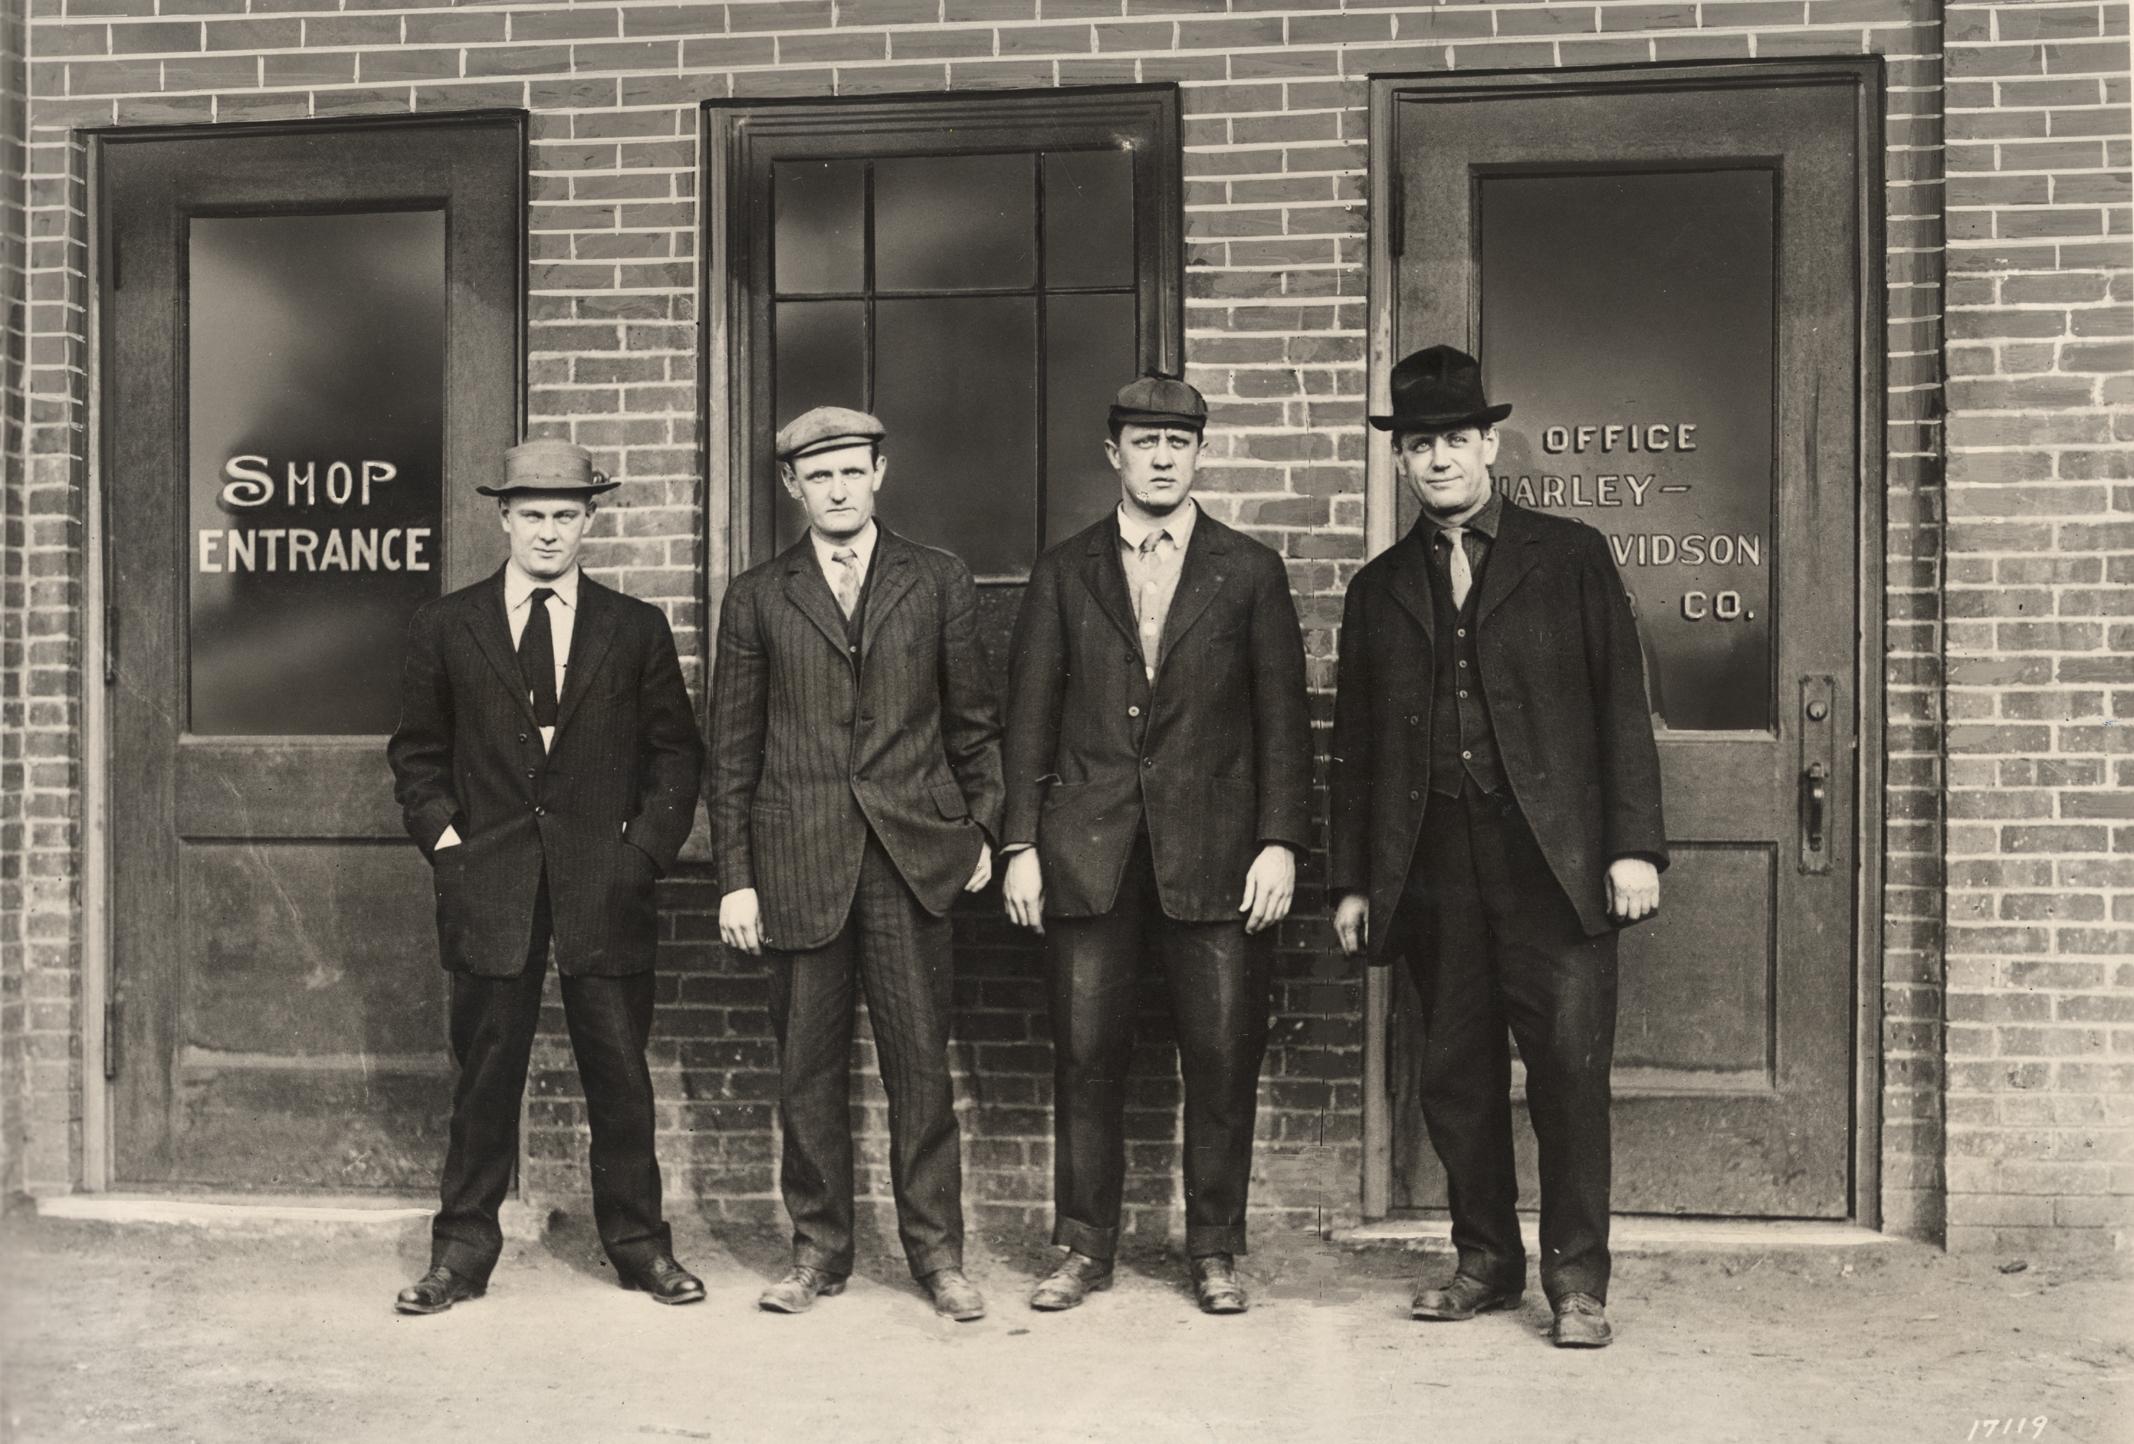 Los hermanos William, Walter y Arthur Davidson junto con Bill Harley fueron los fundadores de Harley-Davidson Motor Co.